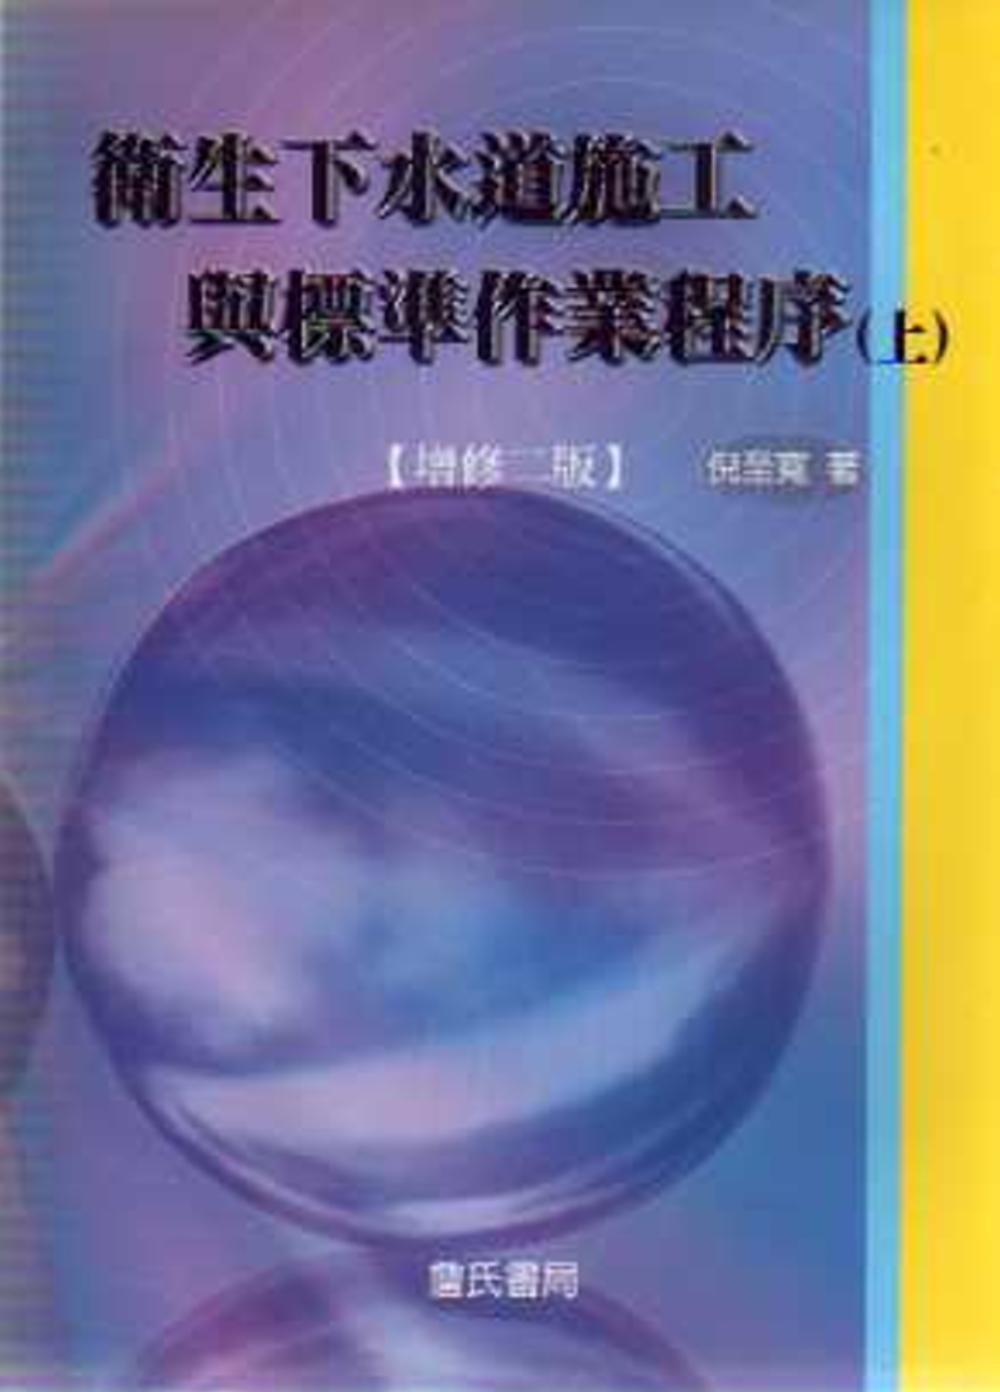 衛生下水道施工與標準作業程序(上)(附光碟)(增修二版)